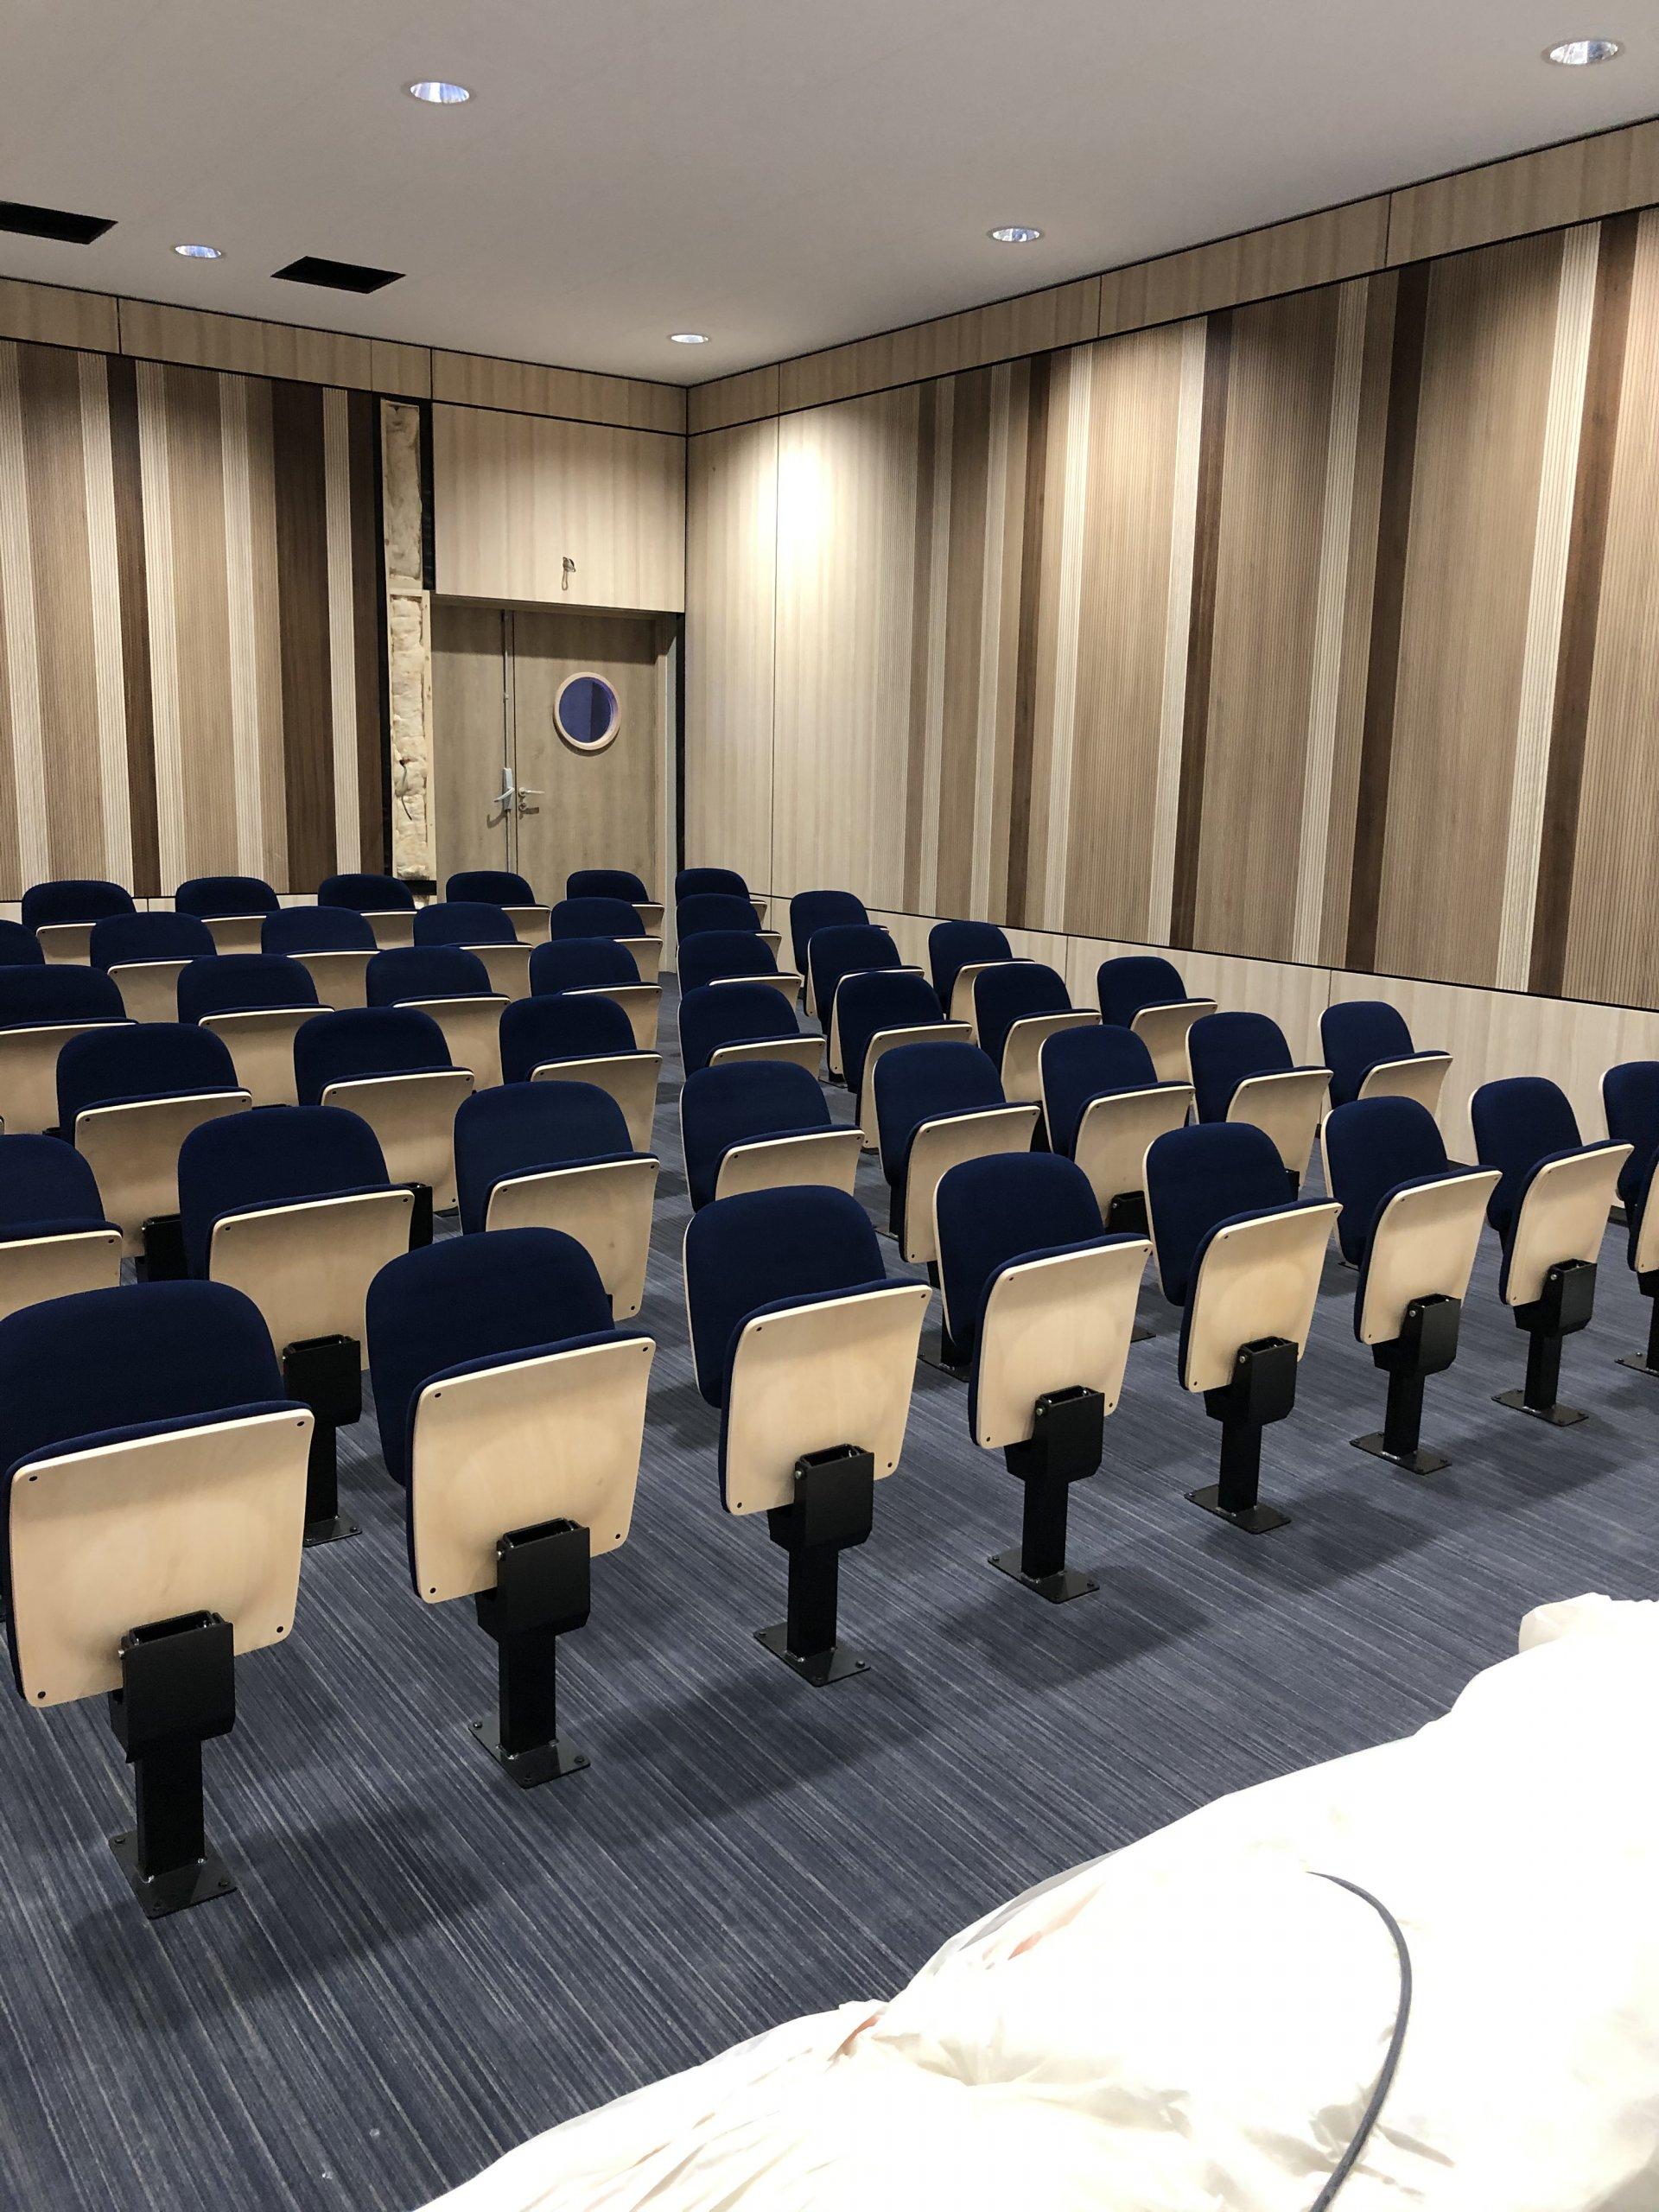 Kleslo - fauteuil Atrium Wingen sur moder - Leader de fabrication de fauteuils cinéma, théâtre ... fauteuil amphitheatre Ic v2